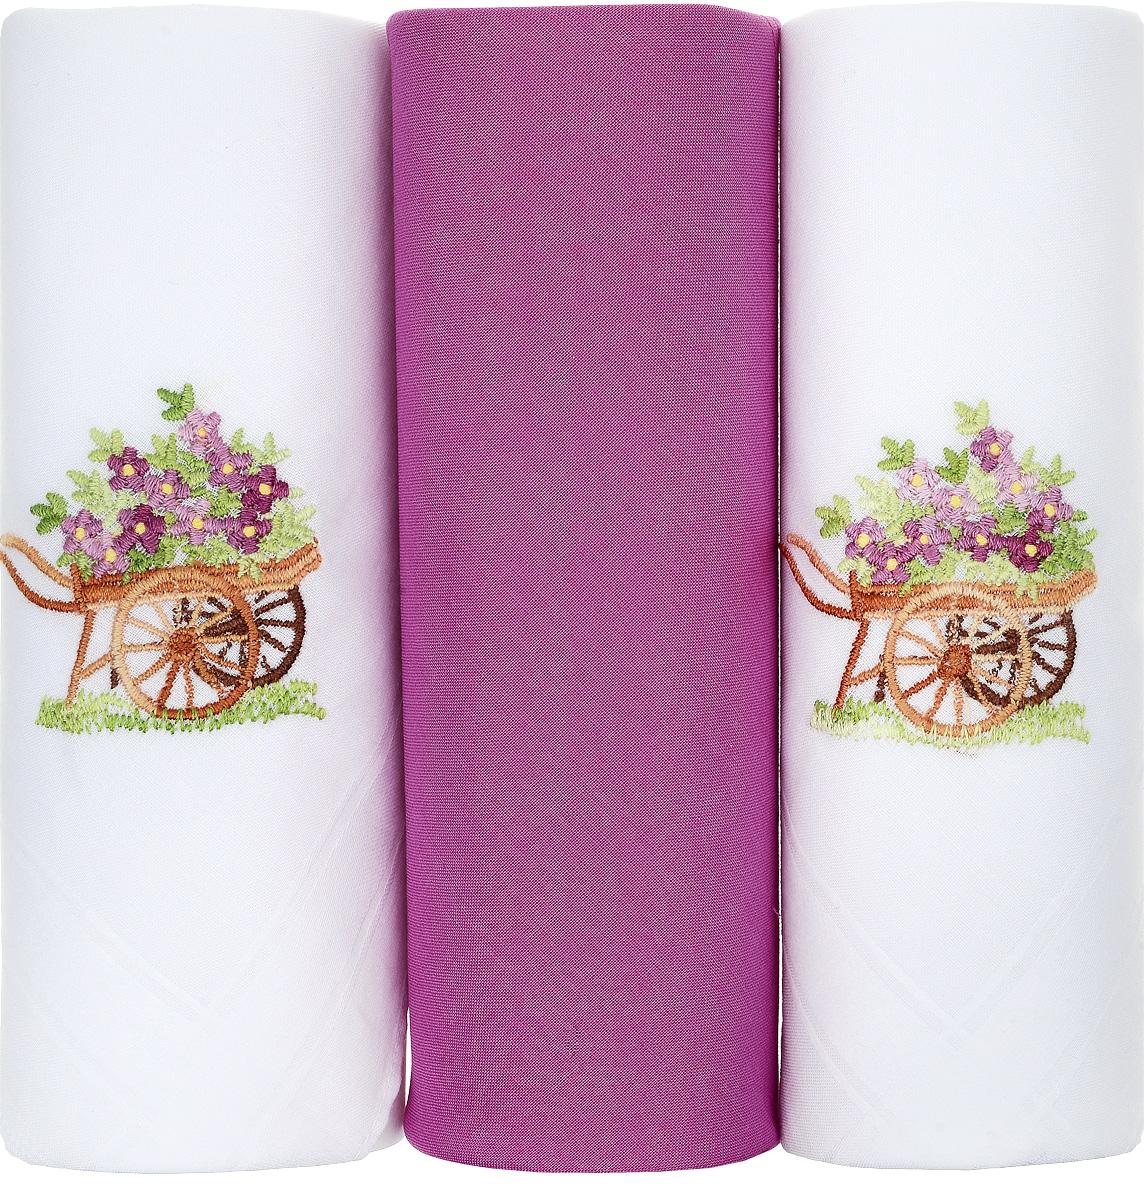 Платок носовой женский Zlata Korunka, цвет: белый, фуксия, 3 шт. 25605-11. Размер 30 см х 30 см39864 Серьги с подвескамиНебольшой женский носовой платок Zlata Korunka изготовлен из высококачественного натурального хлопка, благодаря чему приятен в использовании, хорошо стирается, не садится и отлично впитывает влагу. Практичный и изящный носовой платок будет незаменим в повседневной жизни любого современного человека. Такой платок послужит стильным аксессуаром и подчеркнет ваше превосходное чувство вкуса.В комплекте 3 платка.